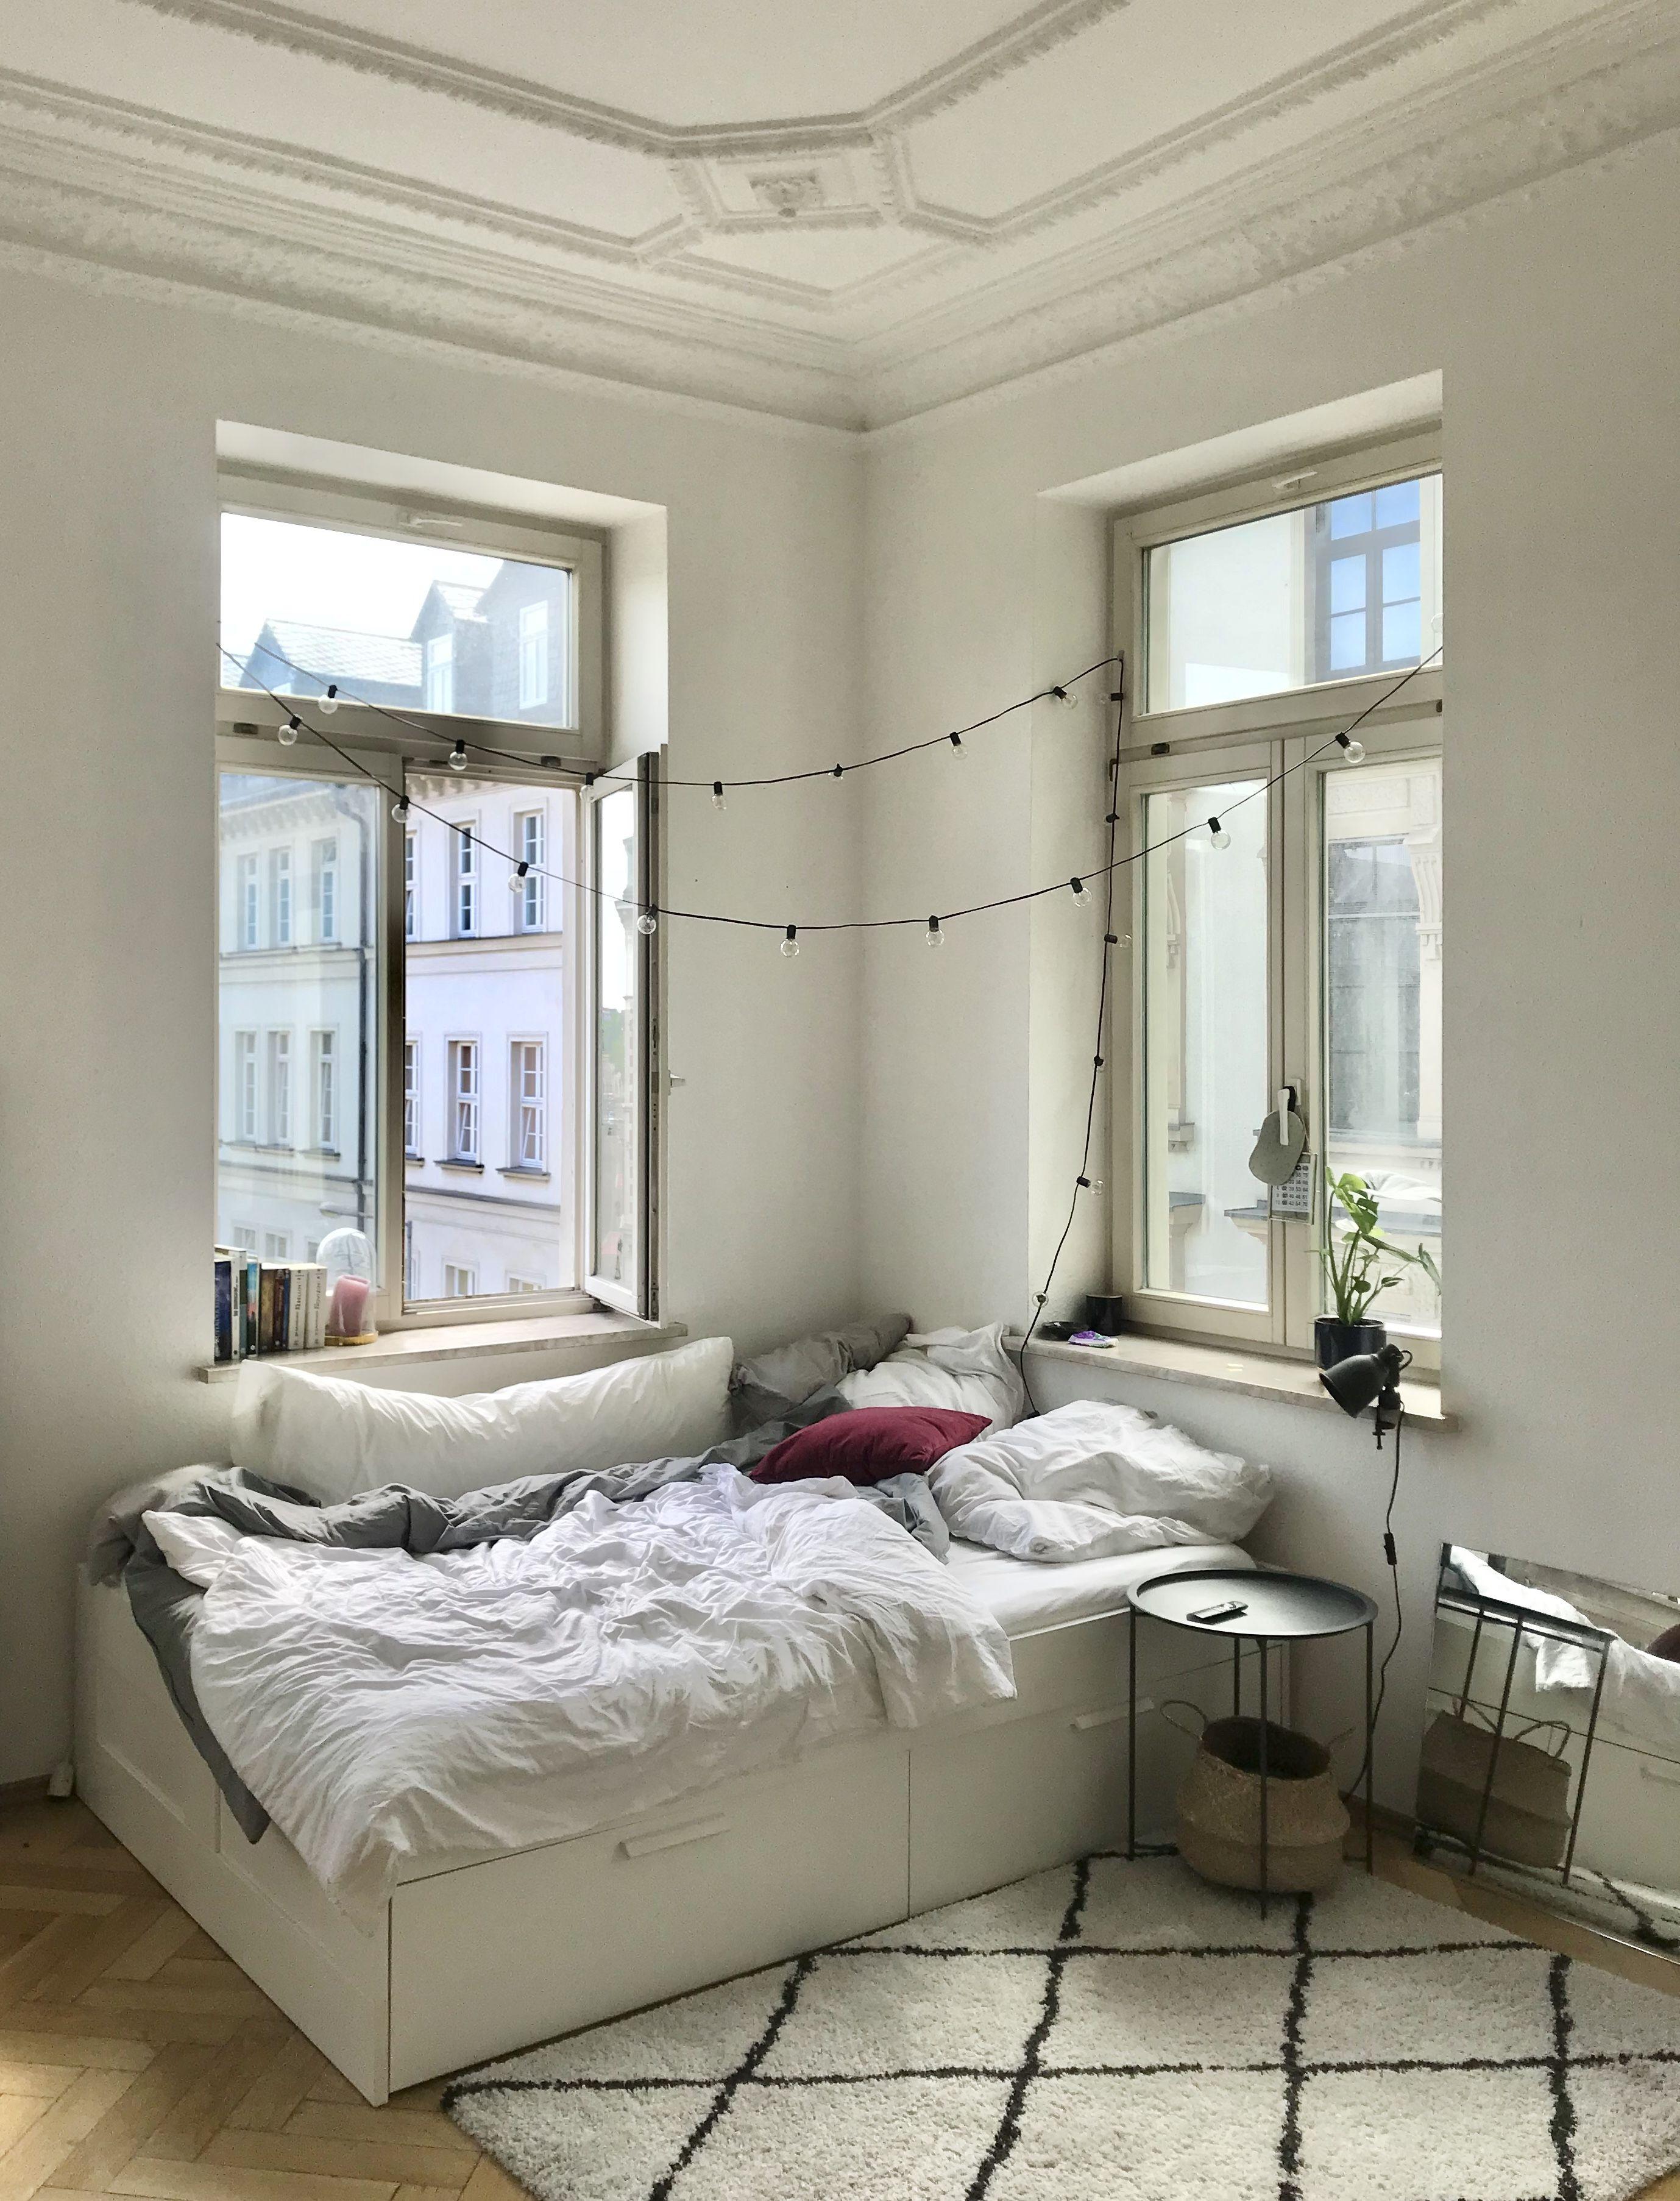 Lichterkette Bett Gluhbirnen Altbau In 2020 Lichterketten Bett Wohnung Einrichtungsideen Wohnzimmer Landhaus